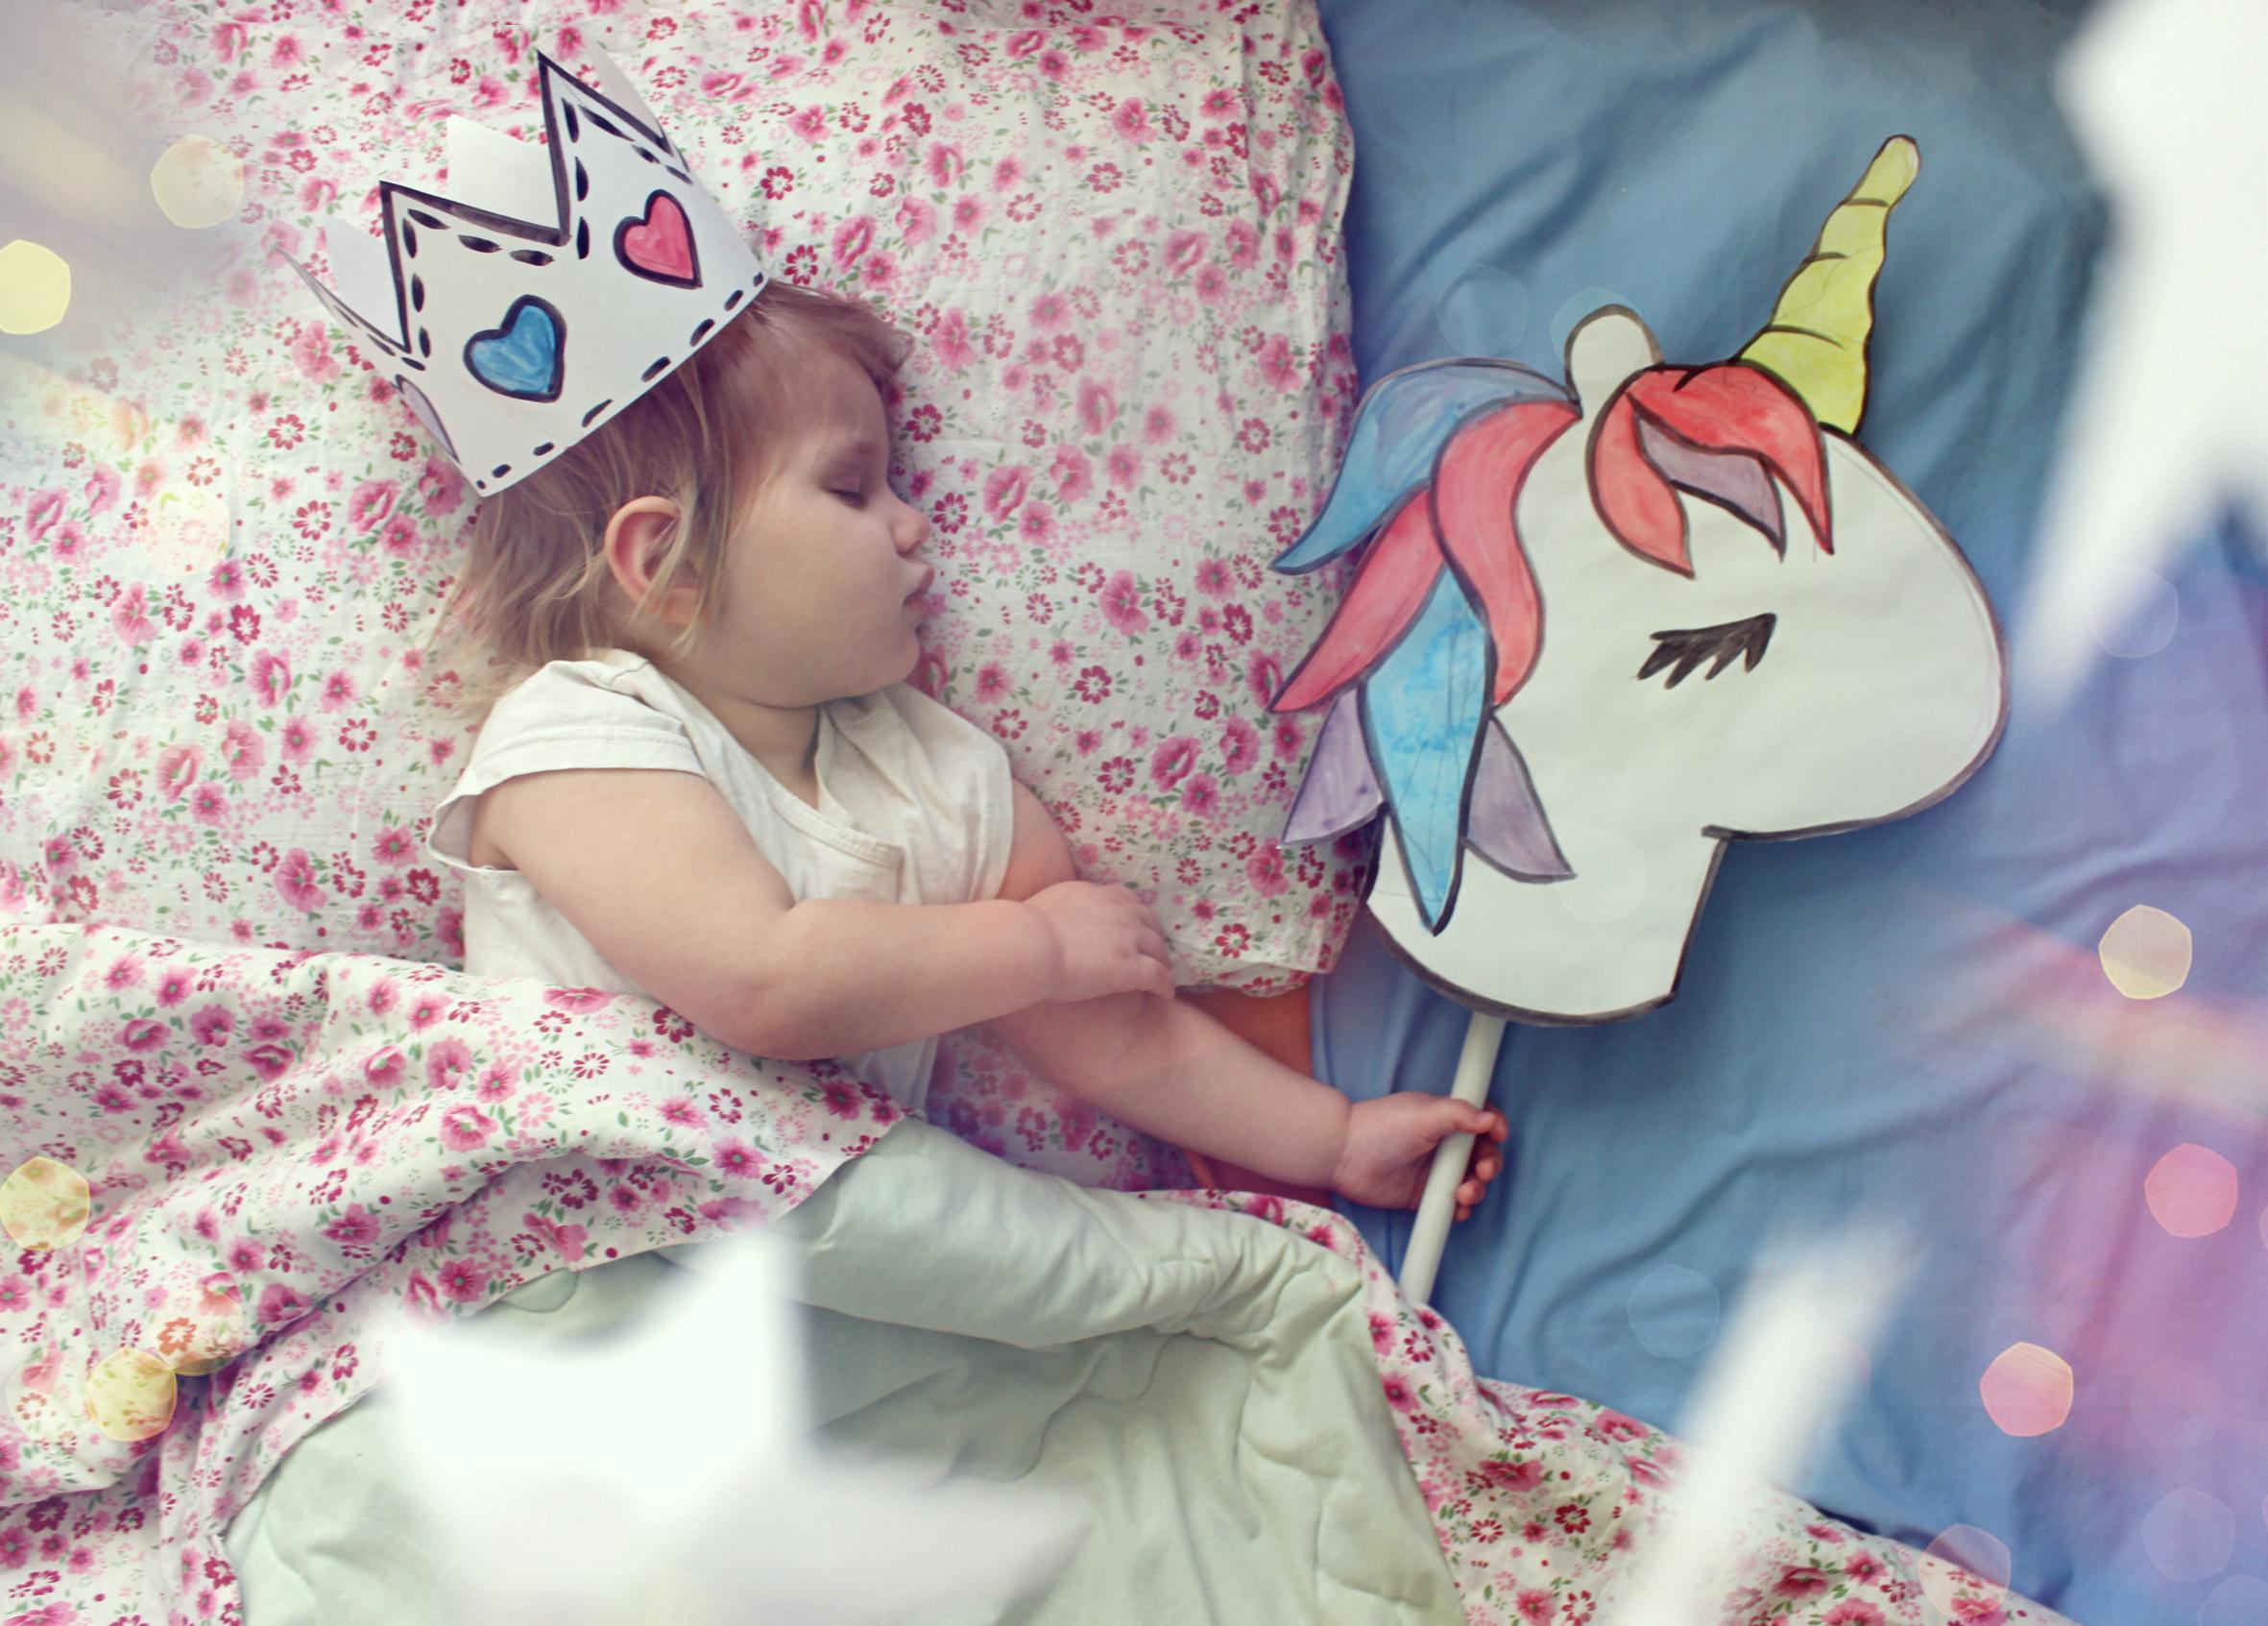 В мире волшебства. Спокойной ночи! Кто спит слаще всего?